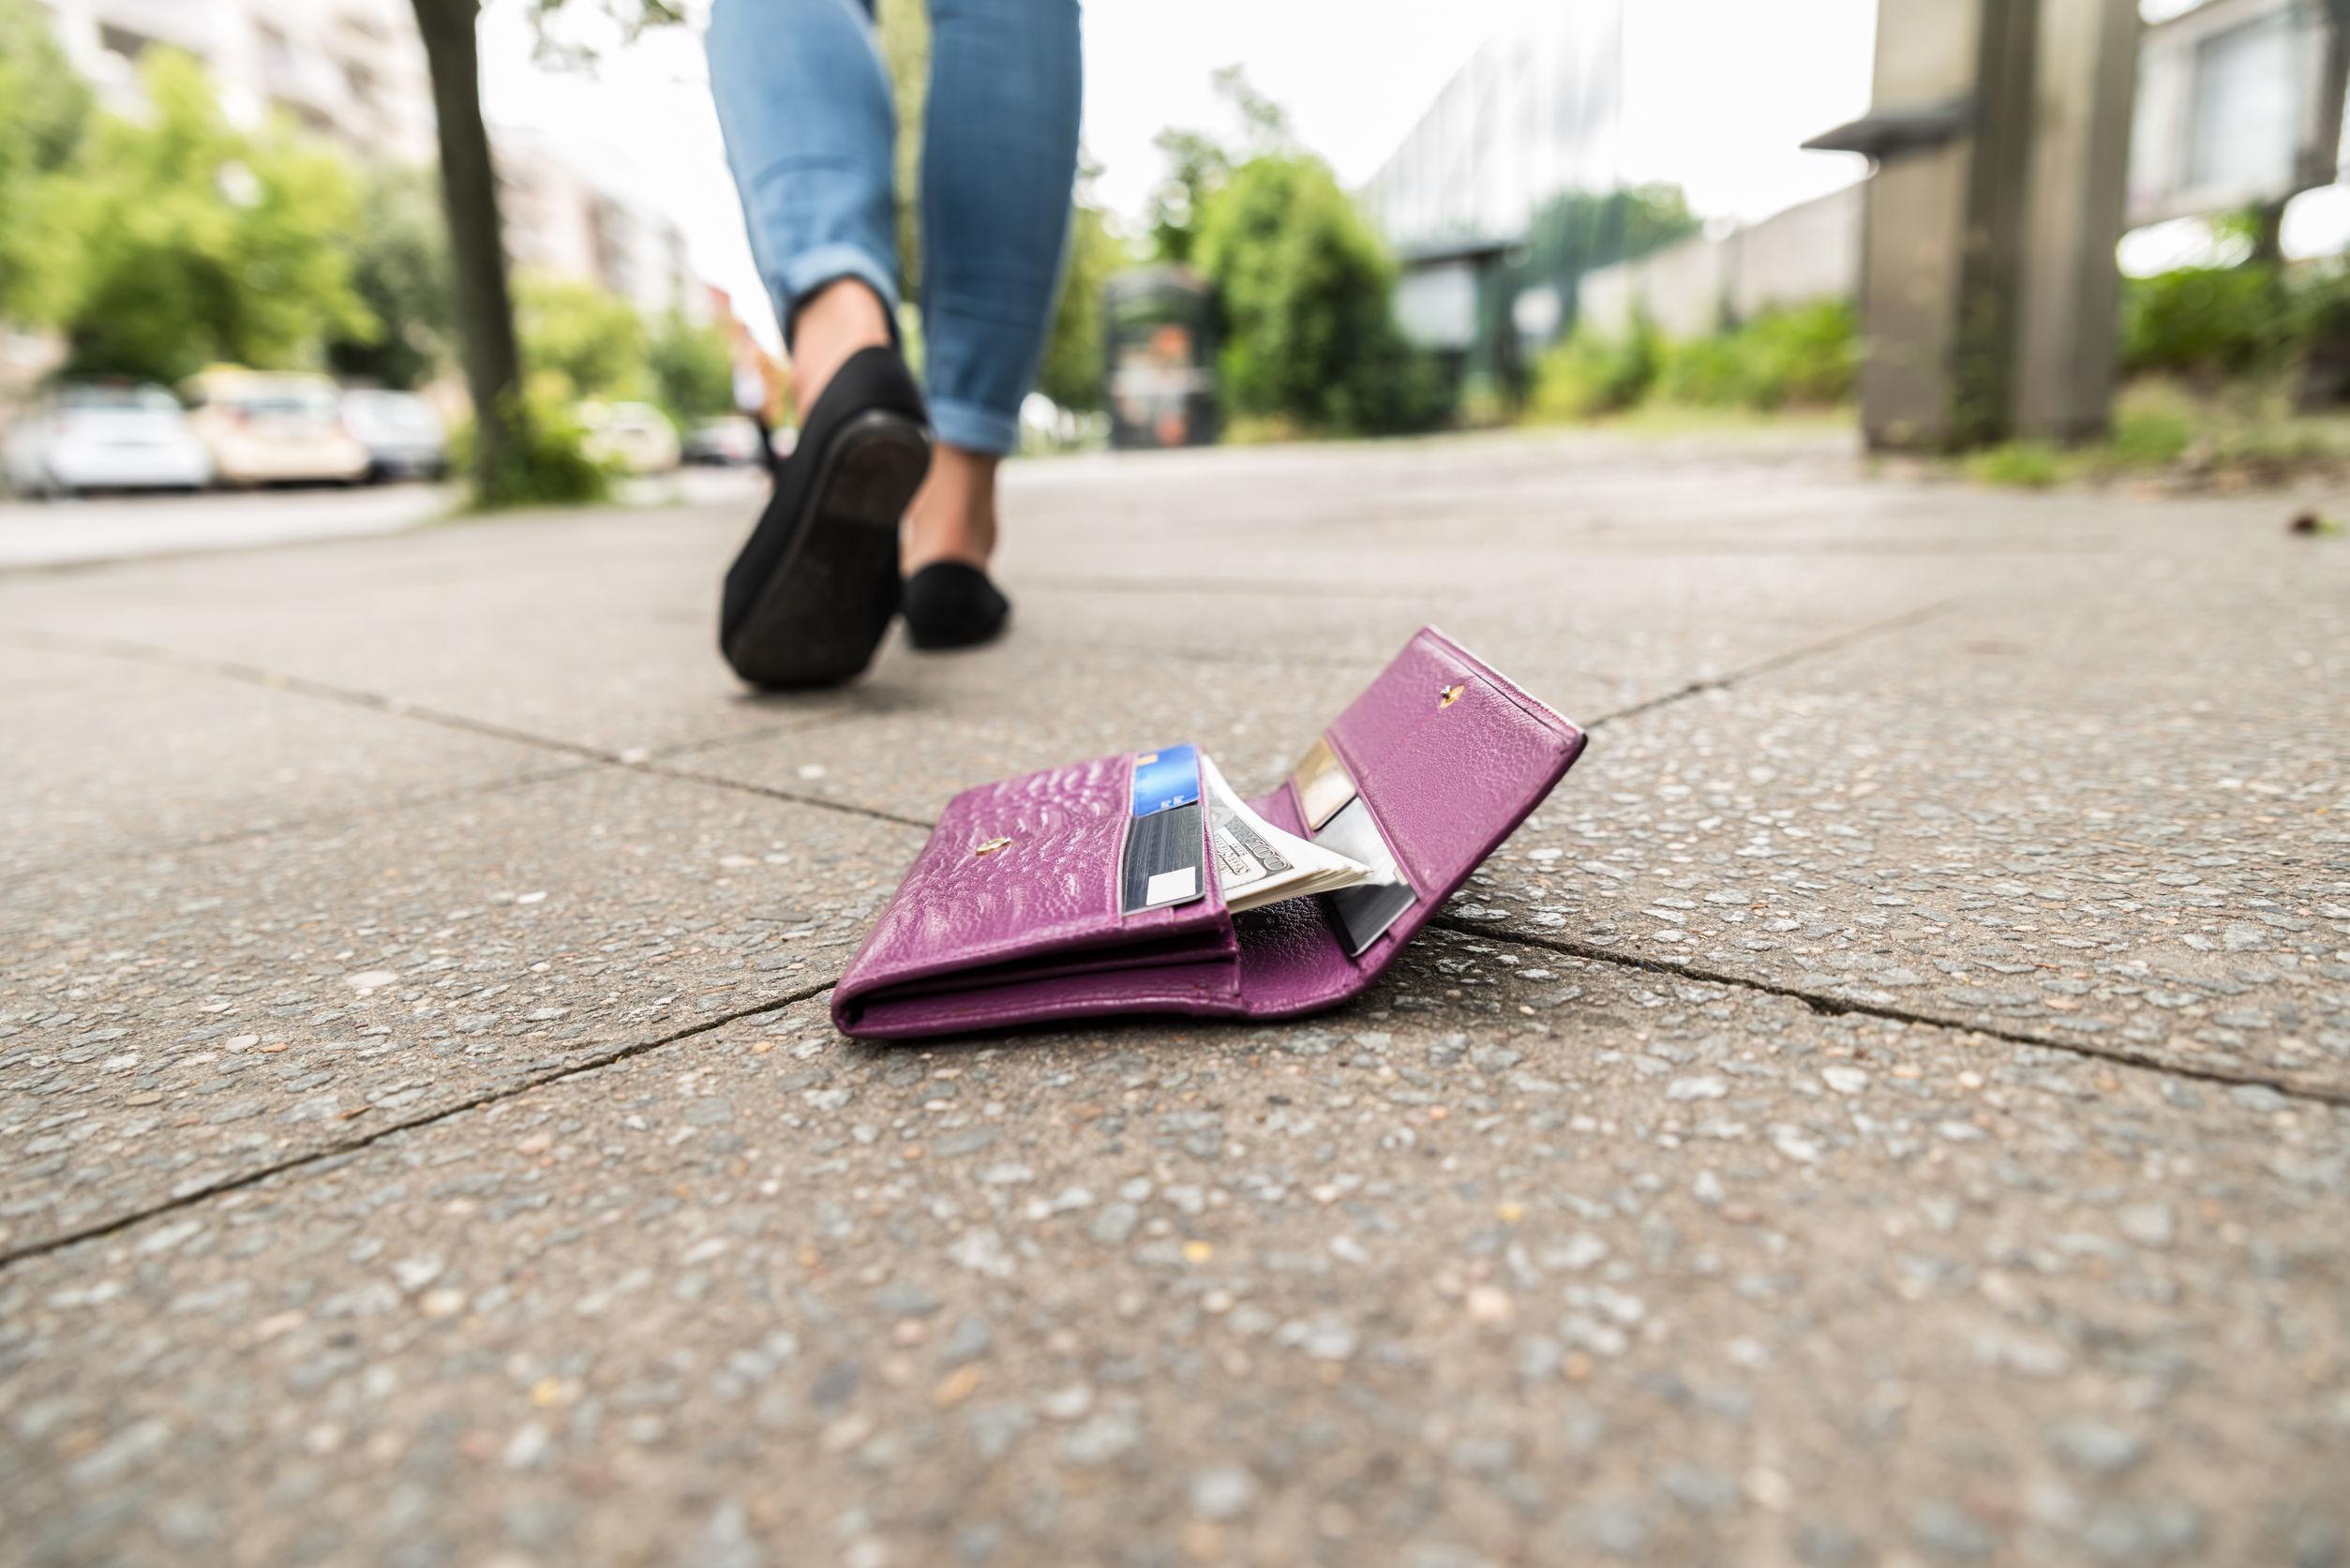 A földön egy lila pénztárca, amit vélhetőleg egy nő ejtett el, akinek a lábai látszanak.